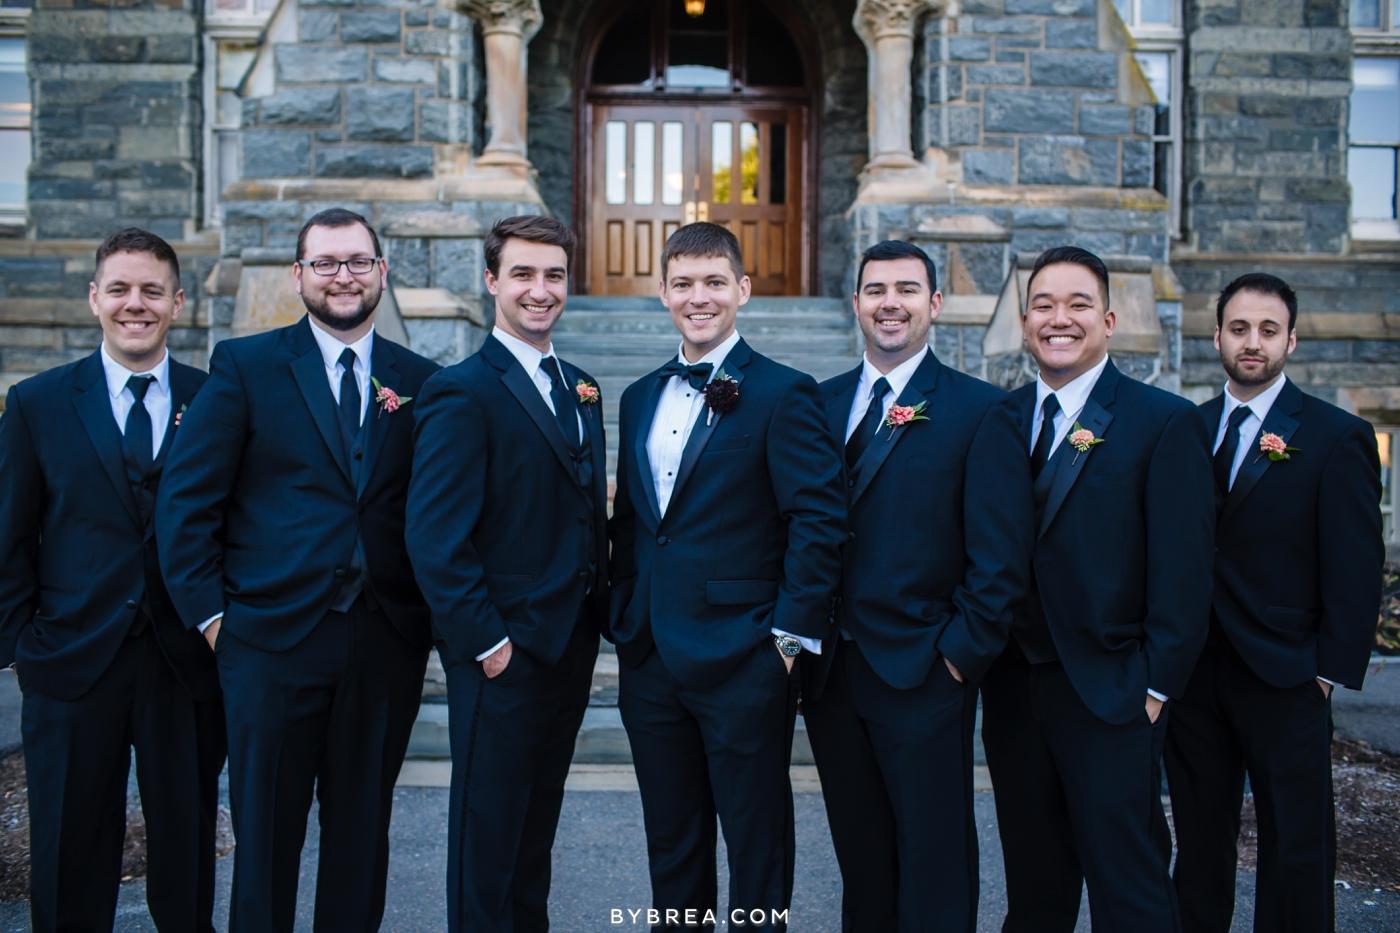 Georgetown Dahlgren Chapel groom and groomsmen